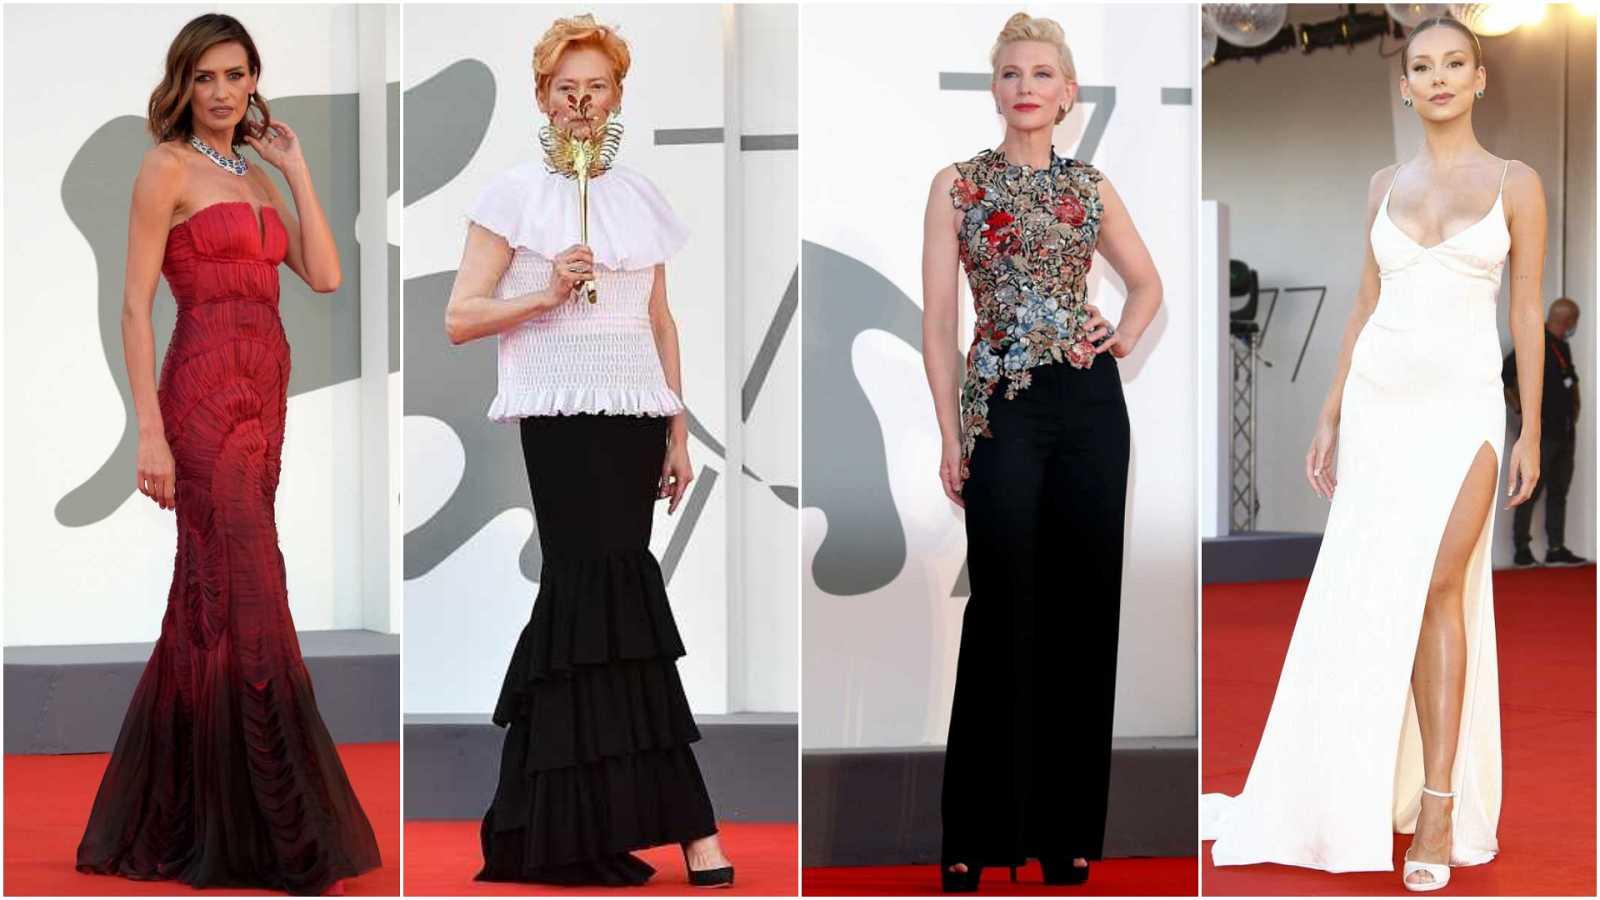 Corazón - El Festival de cine de Venecia llega a su fin lleno de glamour